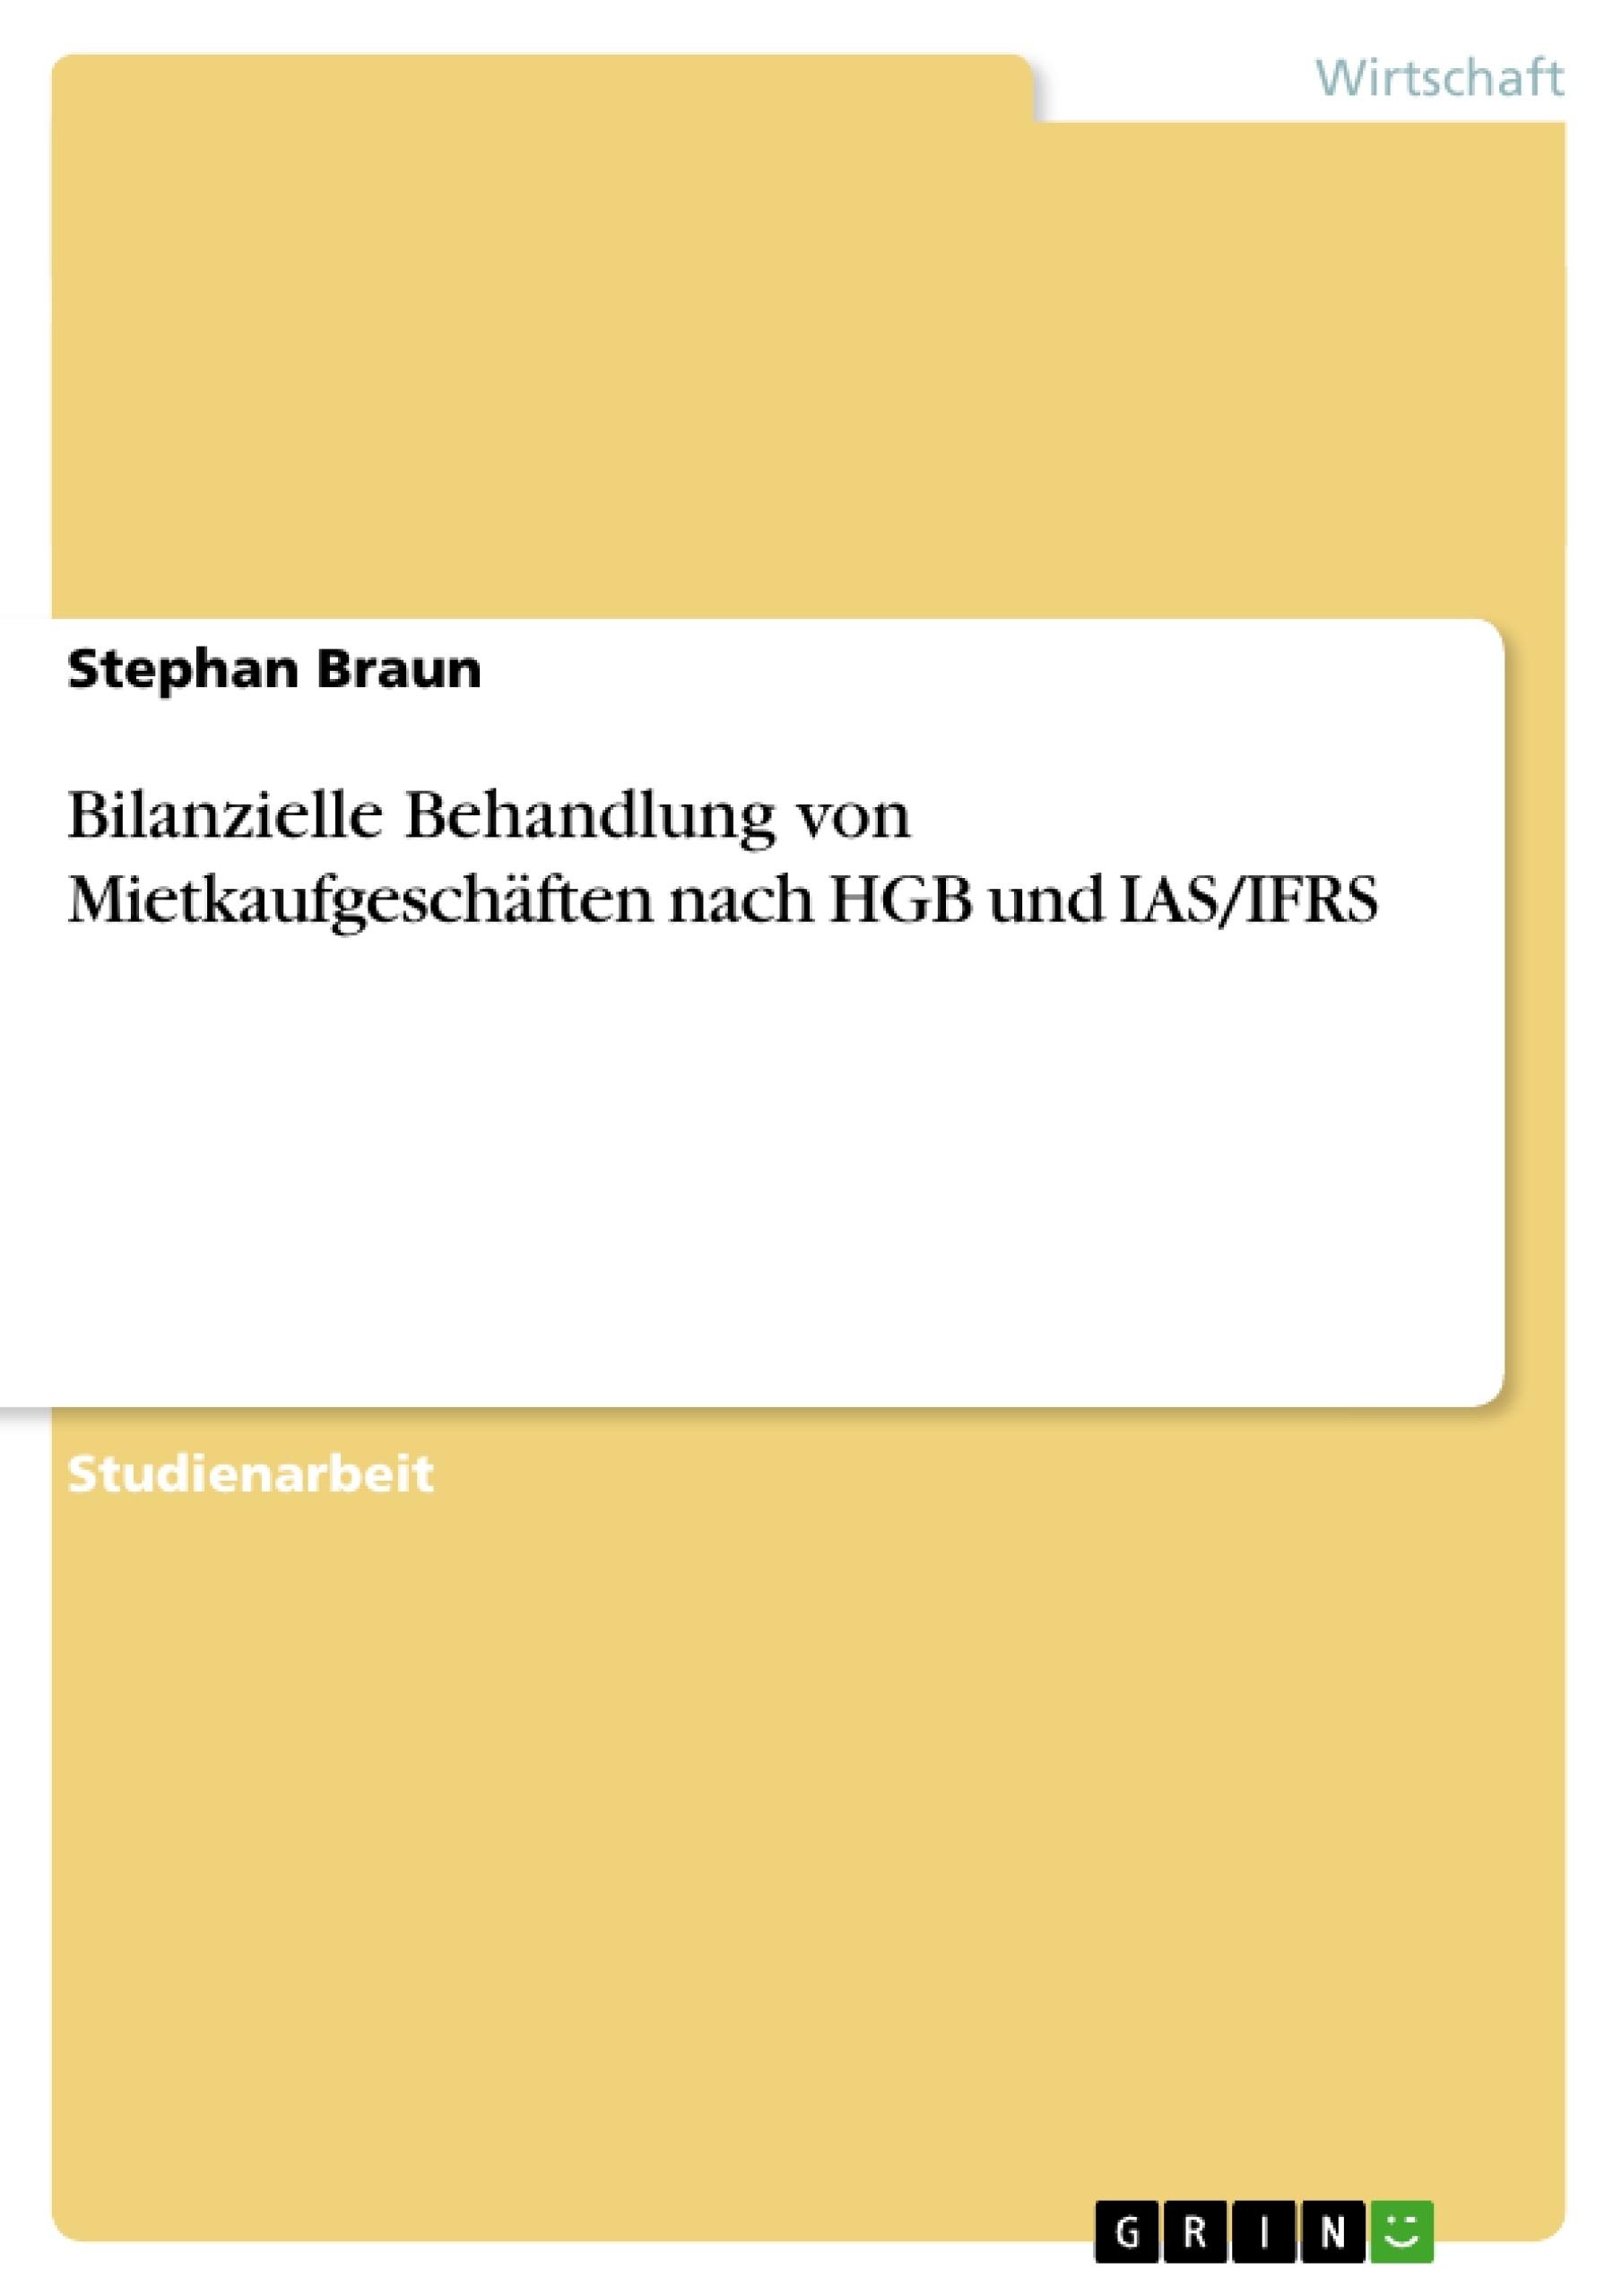 Titel: Bilanzielle Behandlung von Mietkaufgeschäften nach HGB und IAS/IFRS